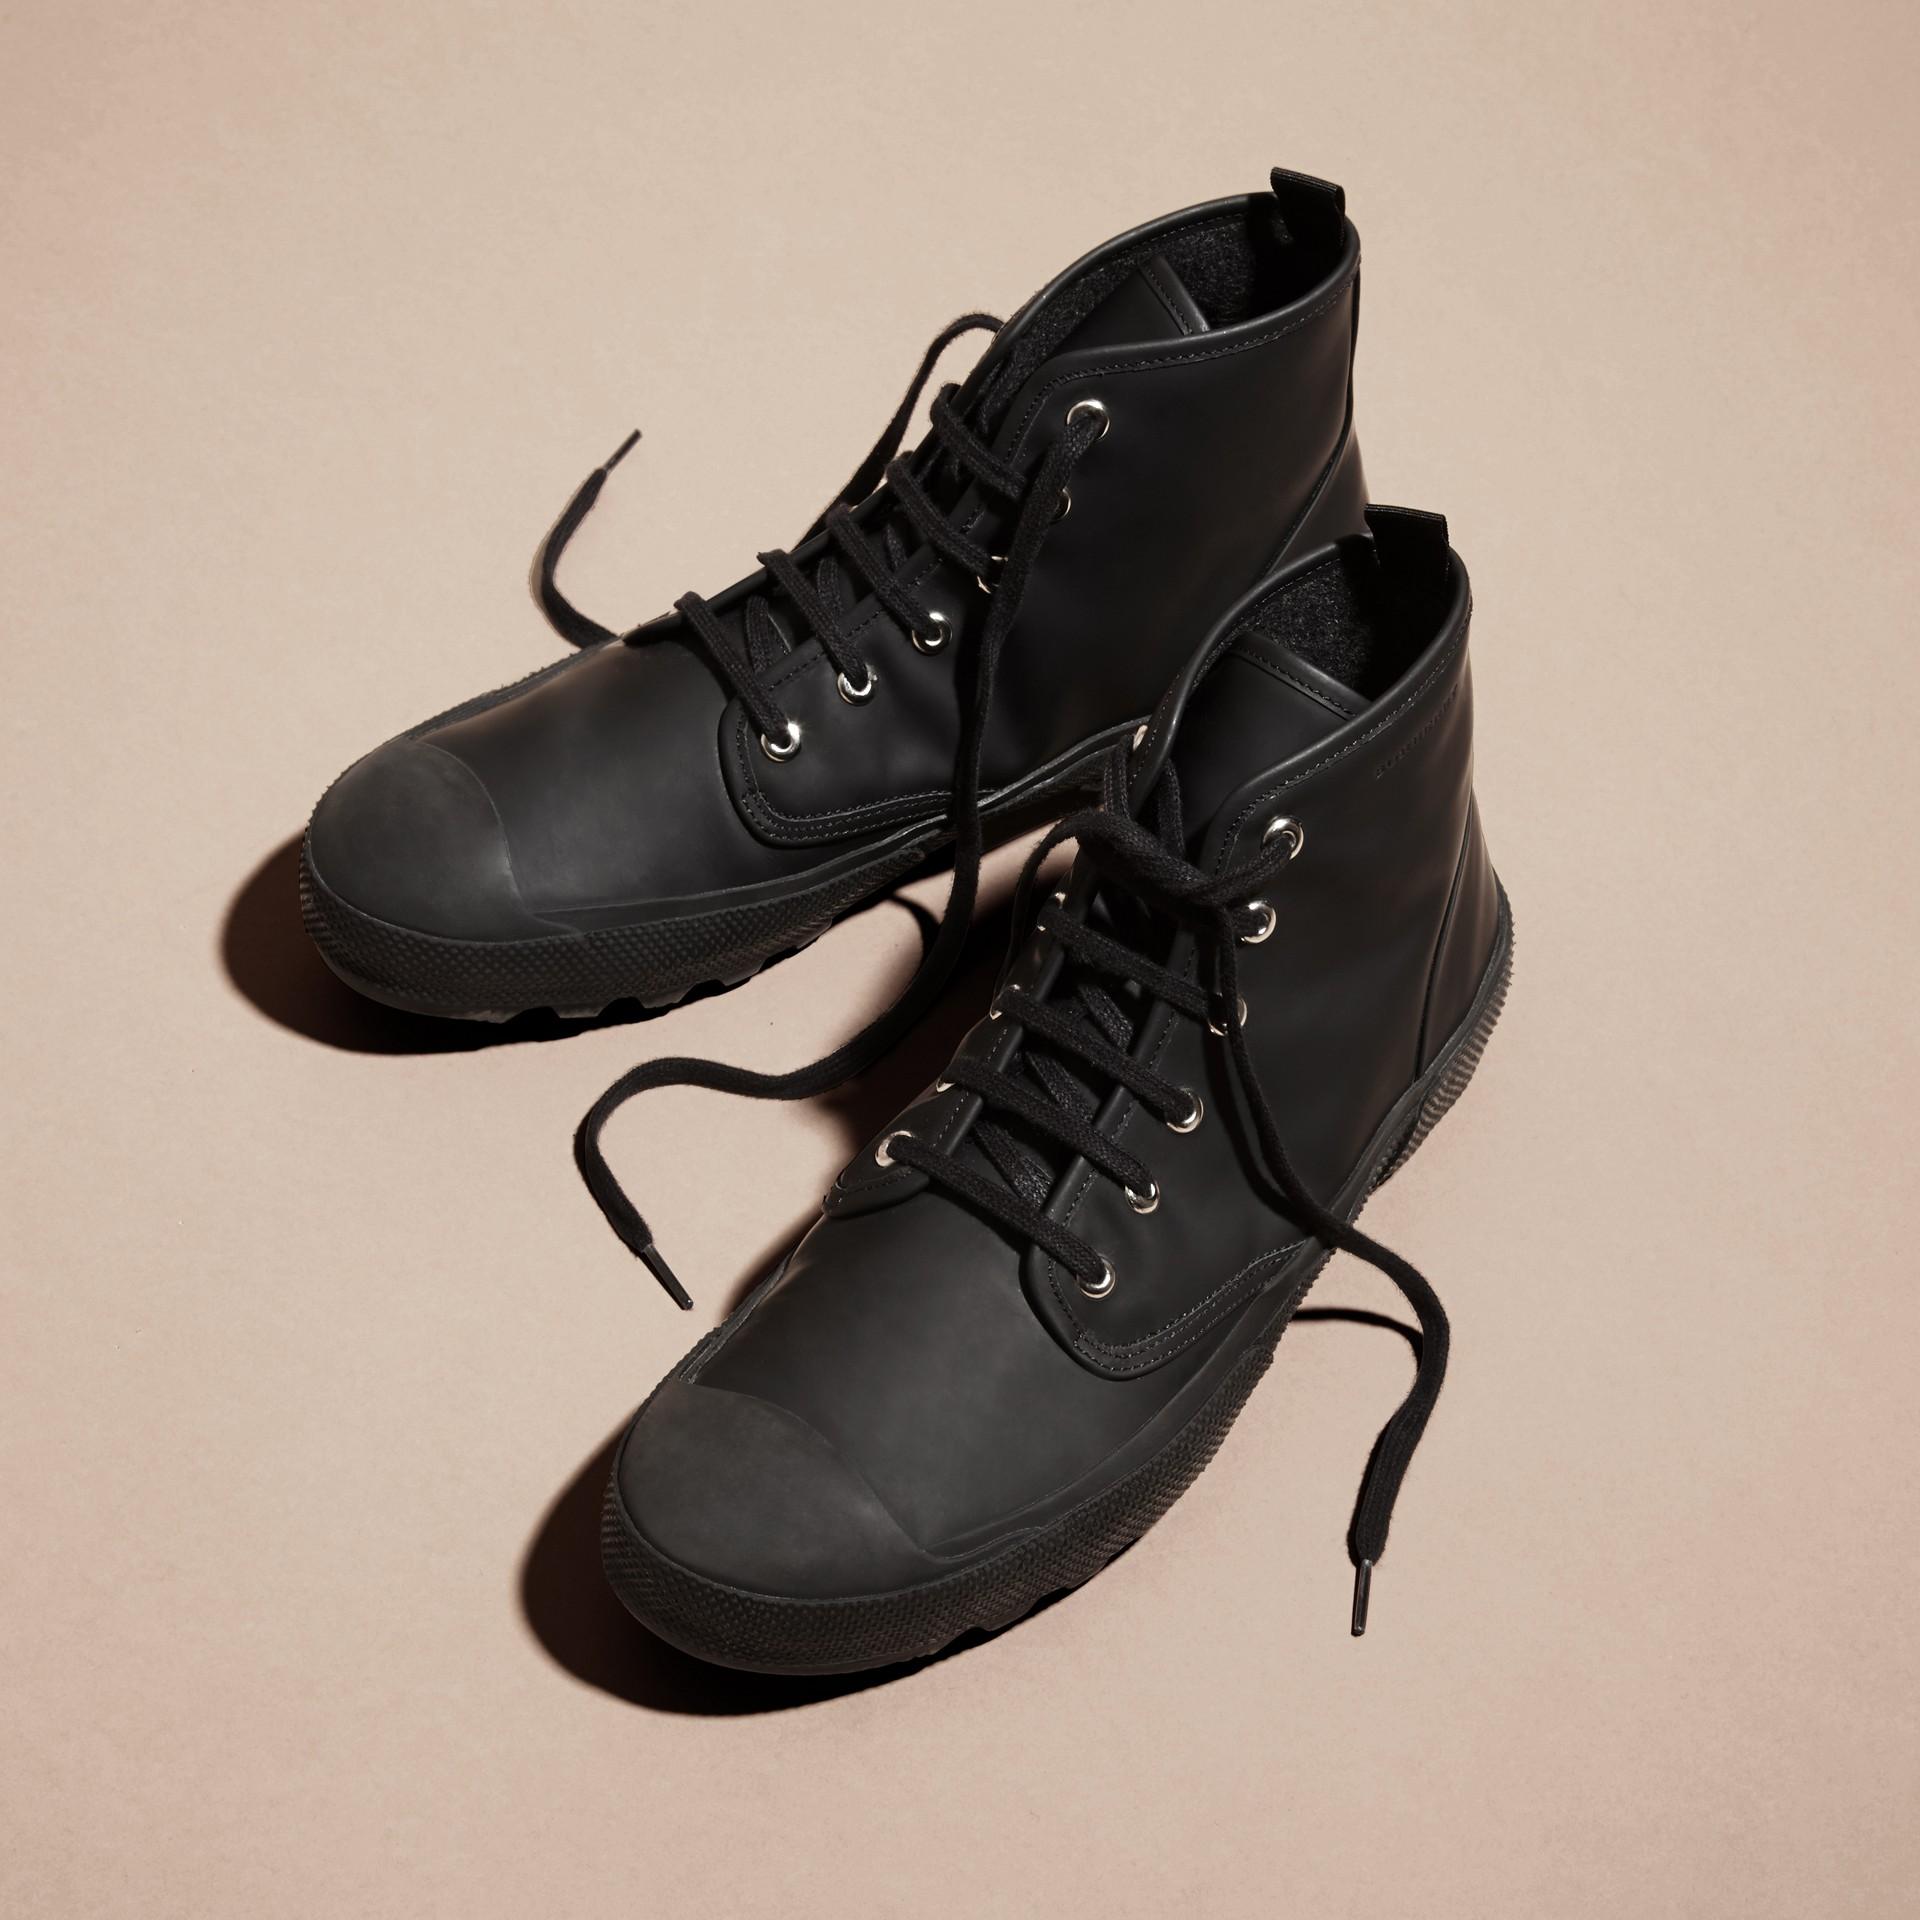 Nero Stivali con lacci in pelle gommata - immagine della galleria 5